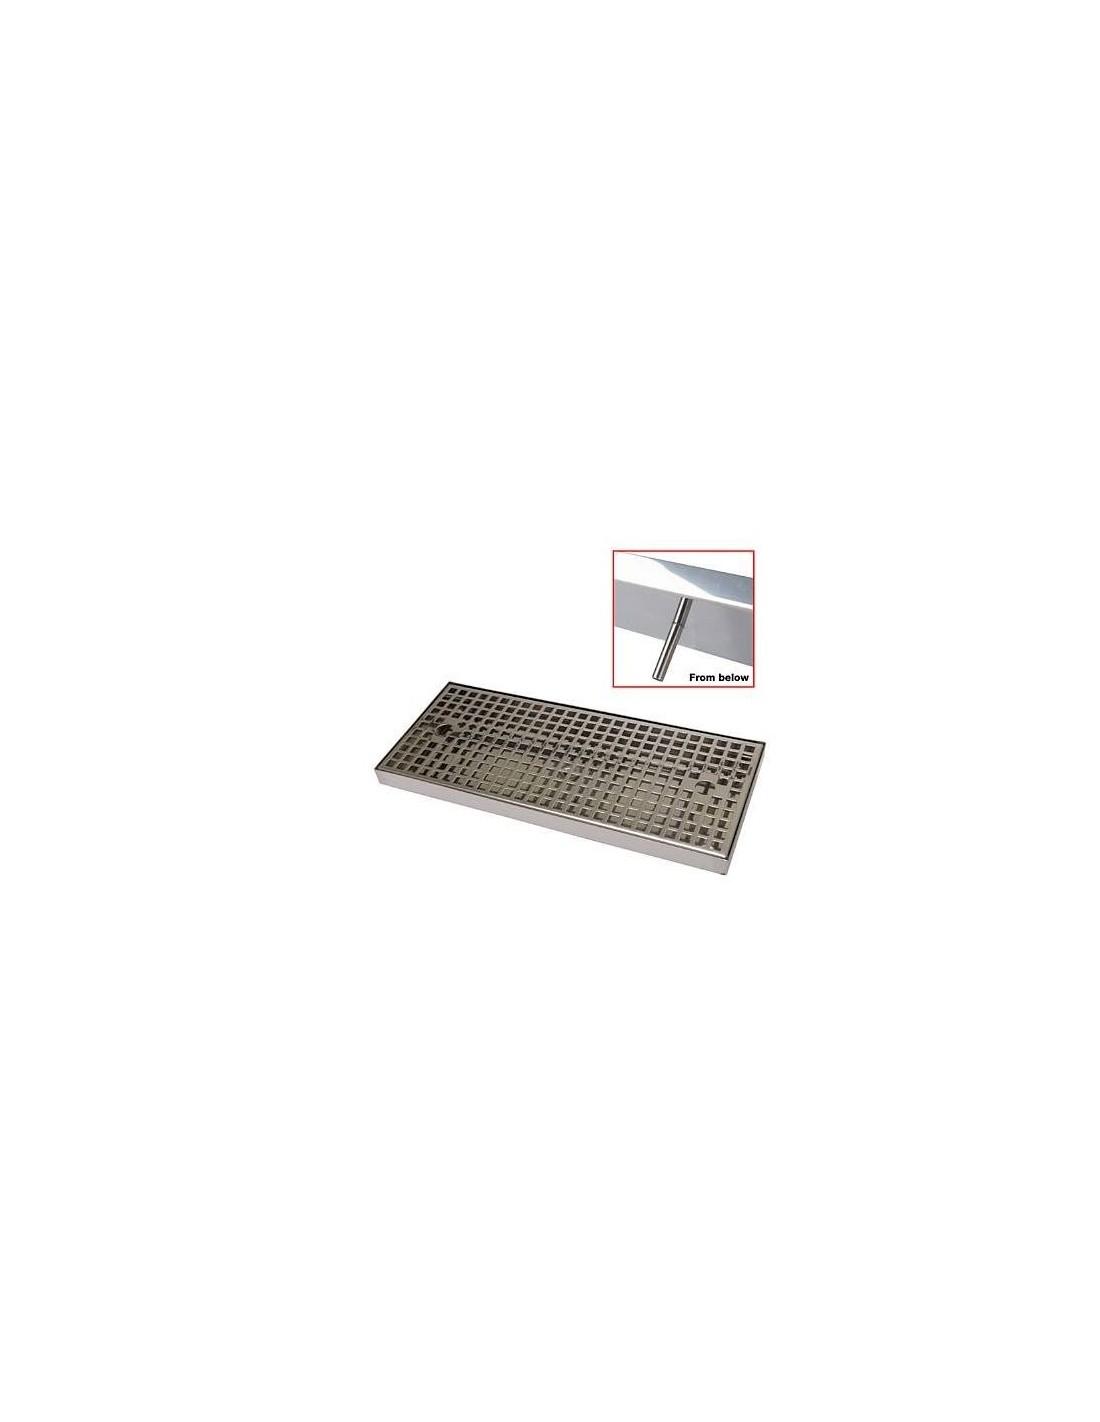 UPP00211 - Spillbrickor - Spillbricka i rostfritt 600x170x25mm med avlopp